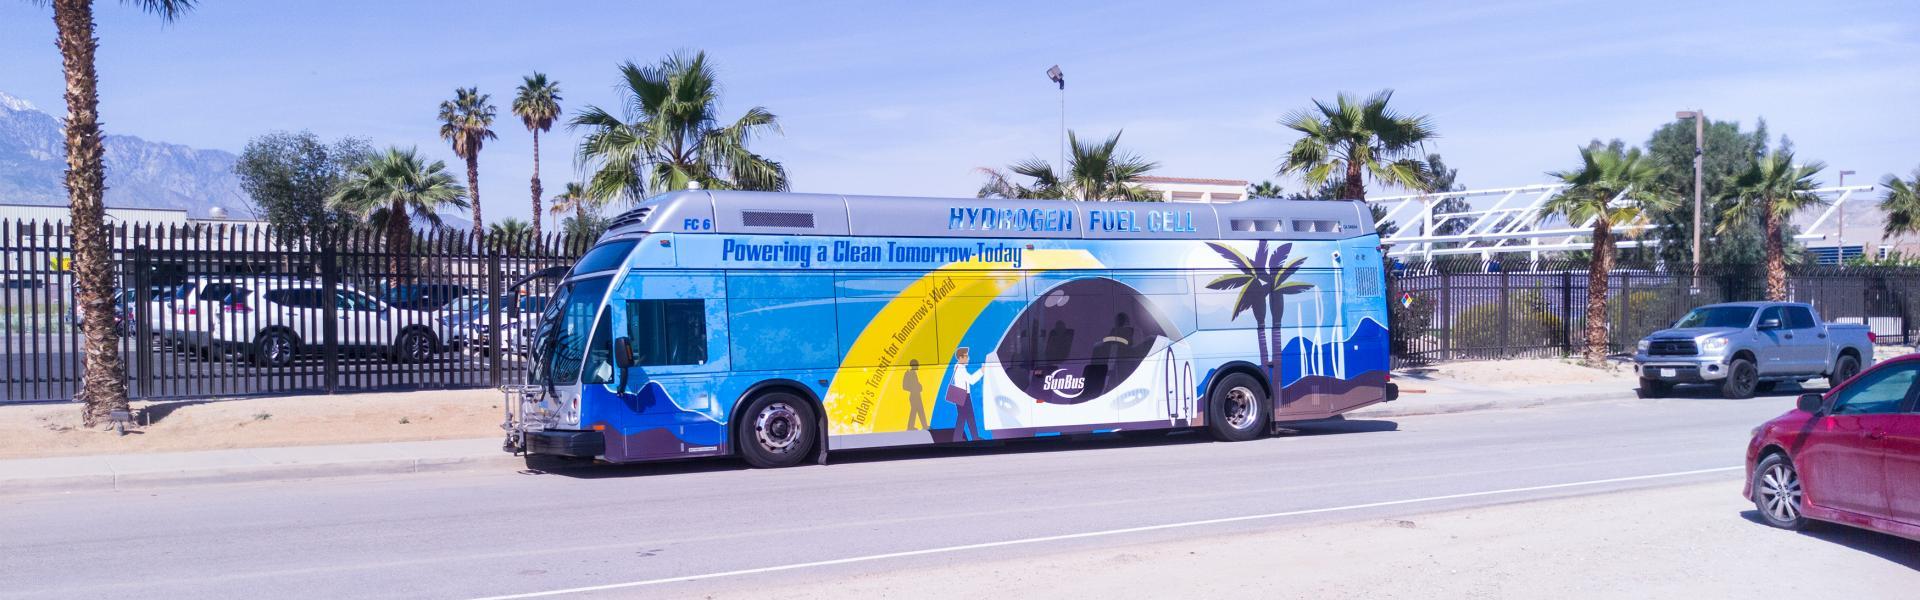 SunBus Zero Emissions Fleet